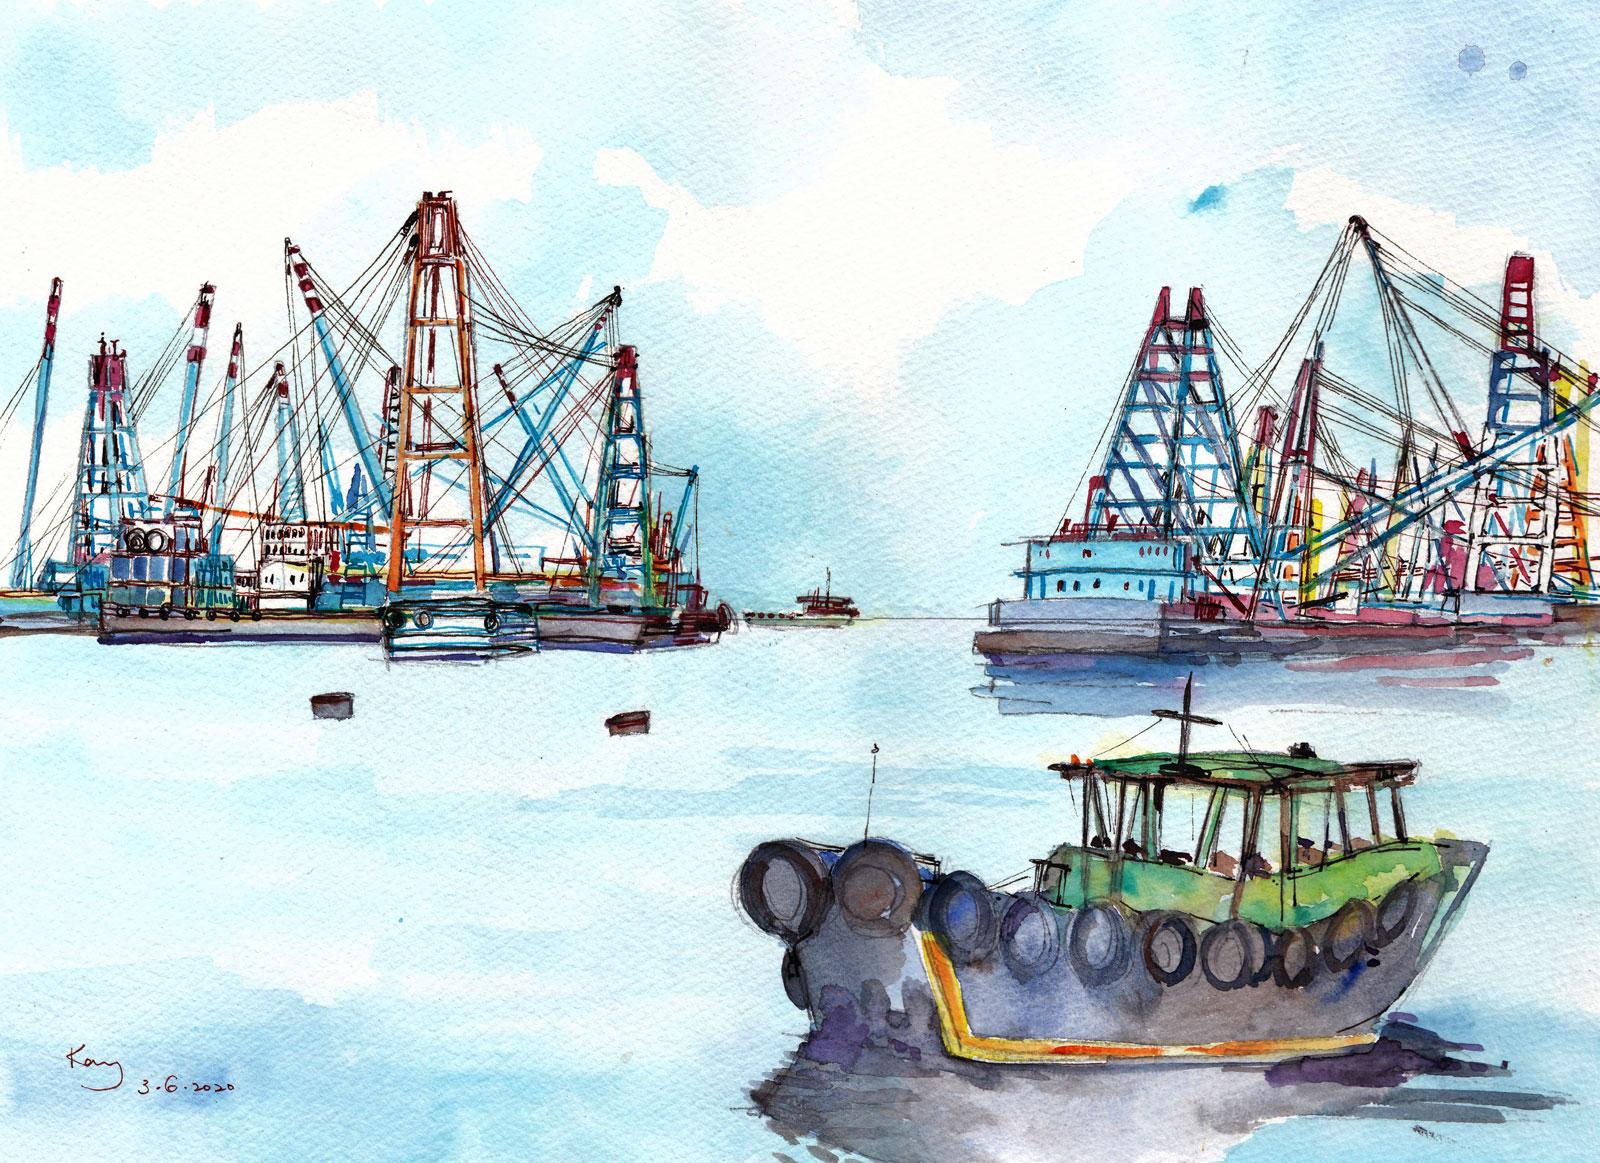 《躉船碼頭》墨及水彩 38.5cm x 29.4cm 3-6-2020